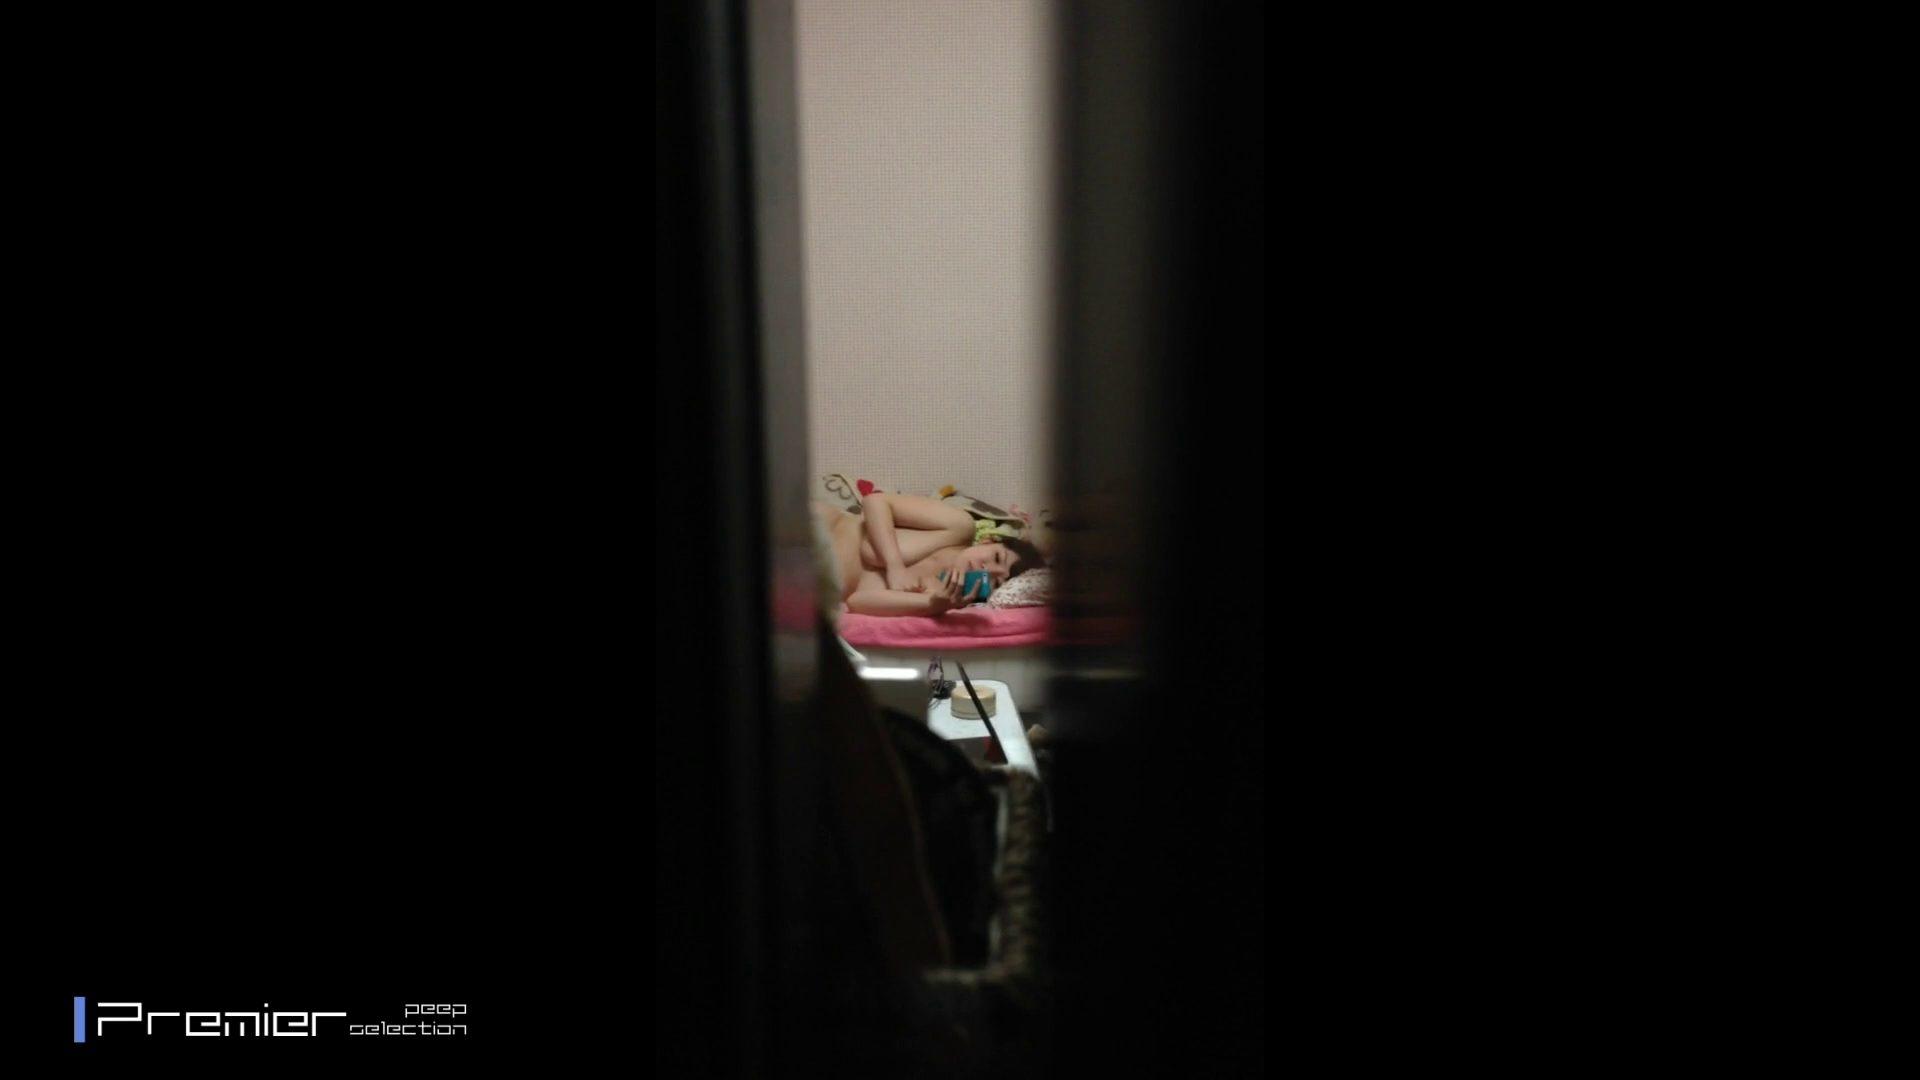 吉祥寺の美容師 エロい休日 美女達の私生活に潜入! 高画質 エロ無料画像 92枚 85